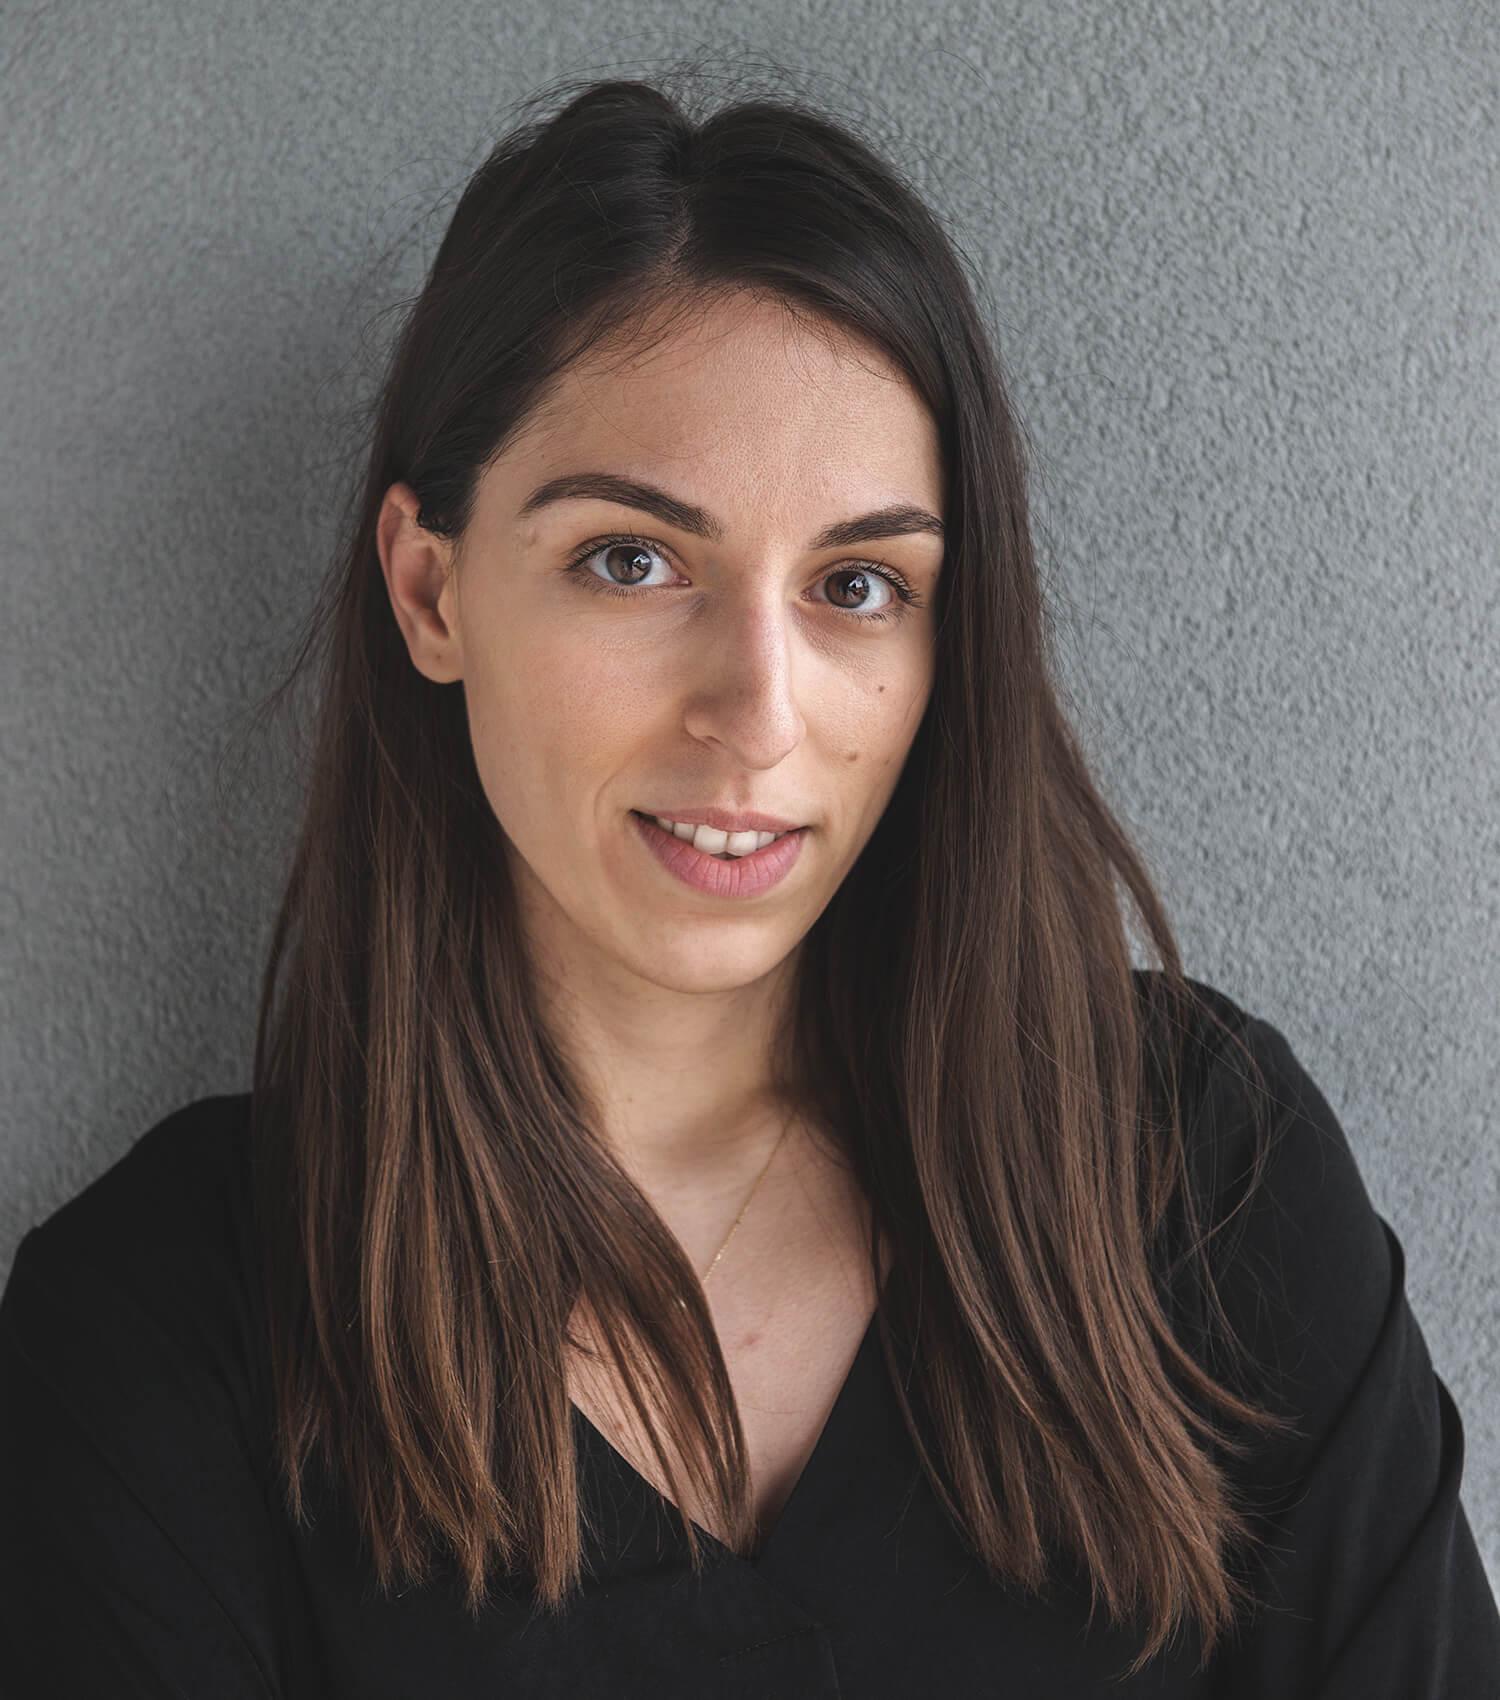 Κορίνα Βαρβάτου - Δημιουργική ΕΠΕ